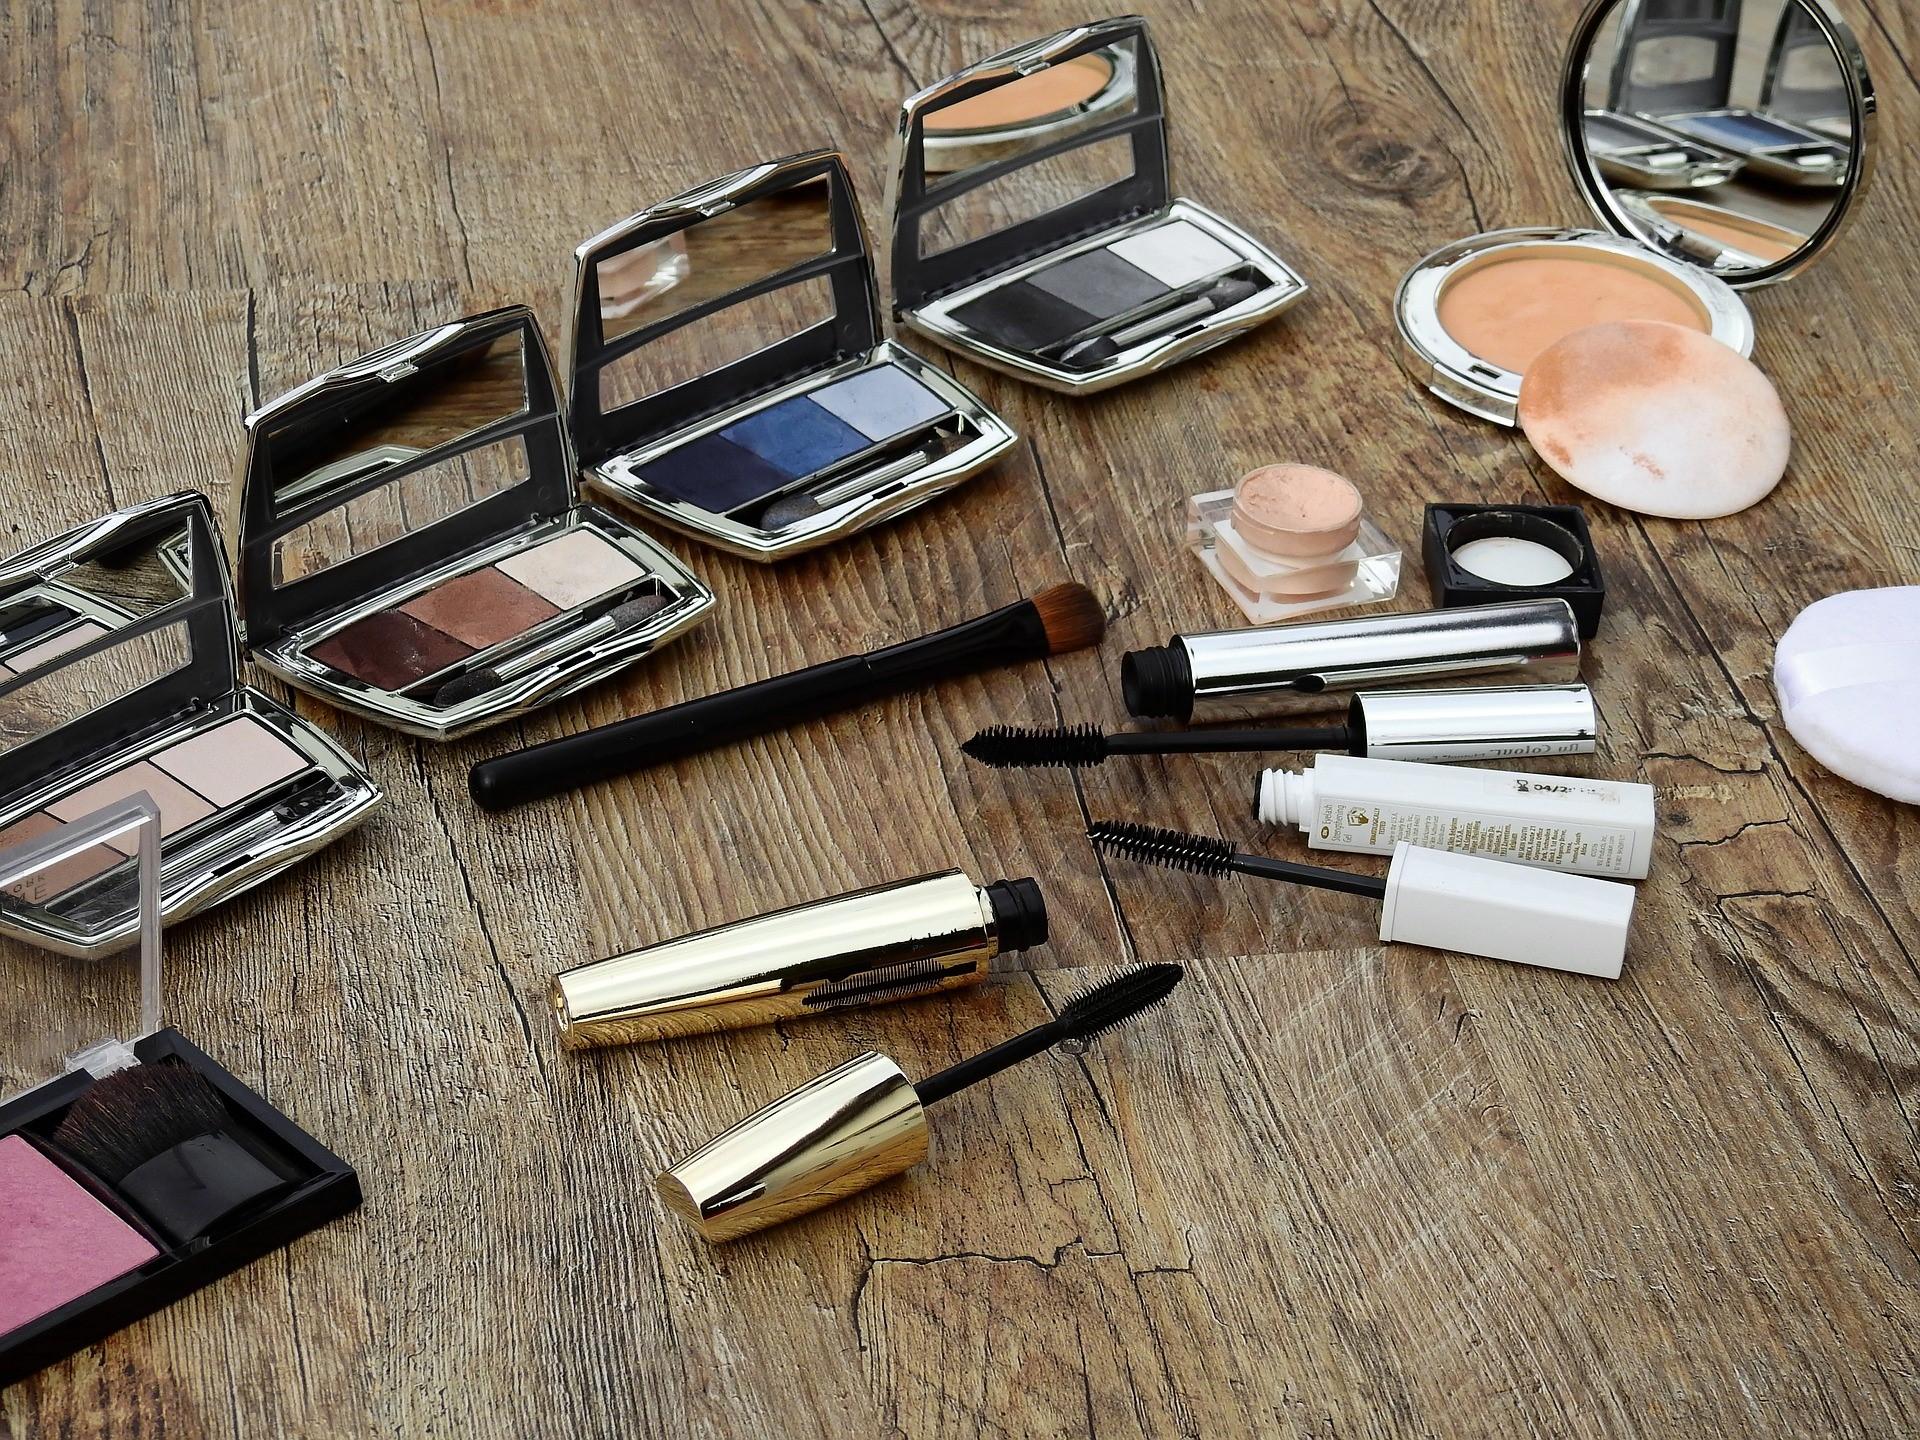 Duże zmiany na rynku kosmetycznym od 2019 r.